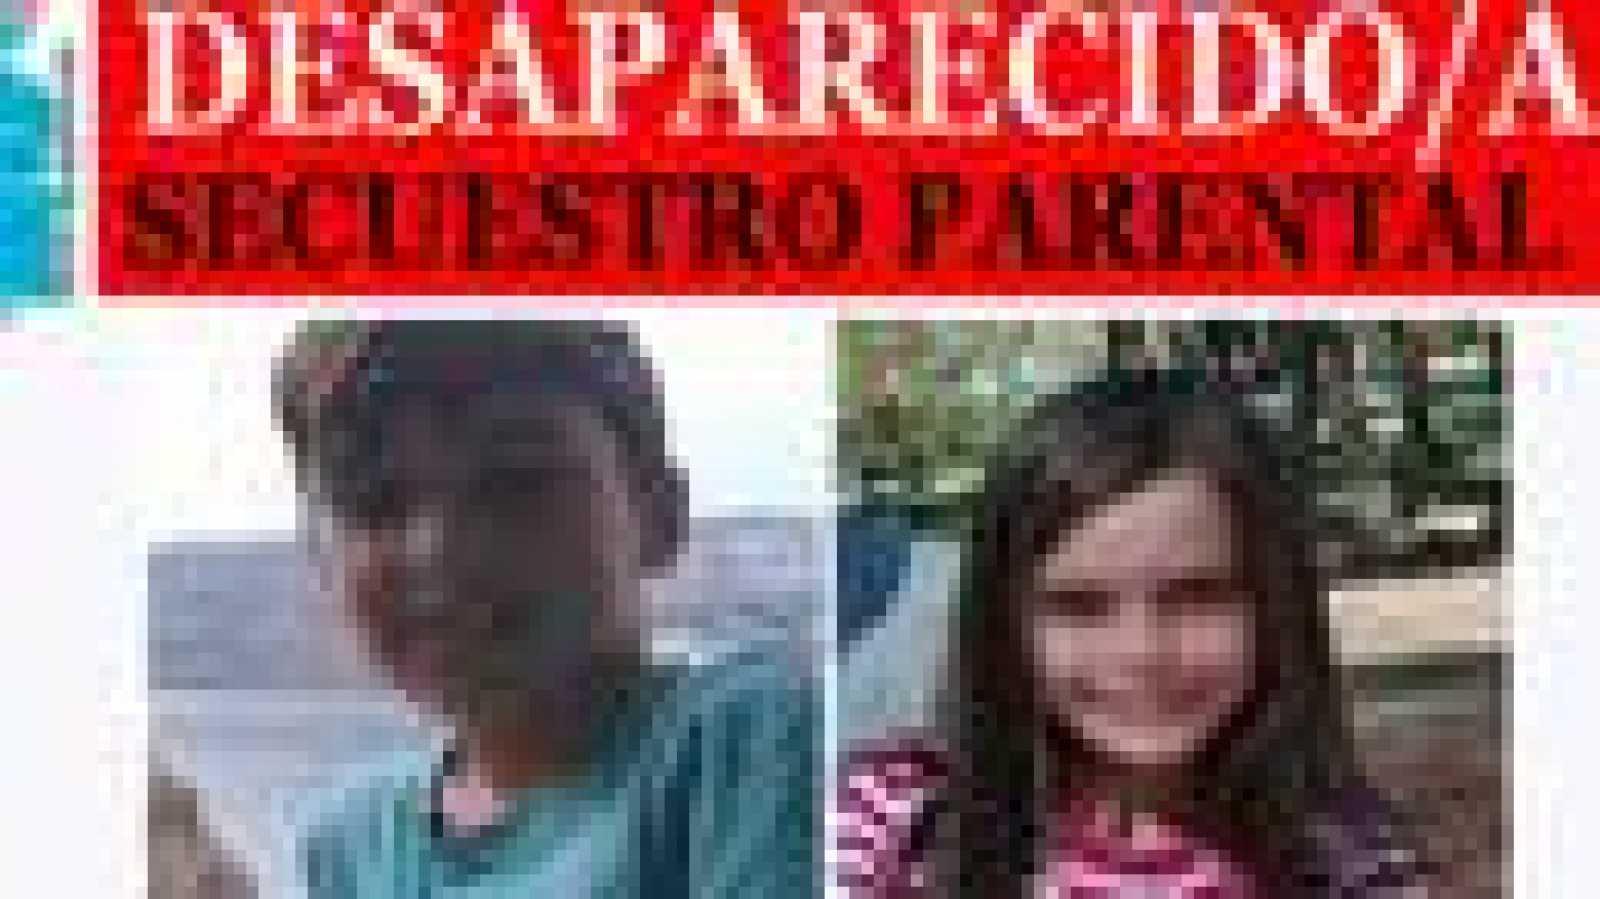 Detenido en dos hermanas sevilla el padre acusado de secuestrar a sus dos hijos - El tiempo dos hermanas sevilla ...